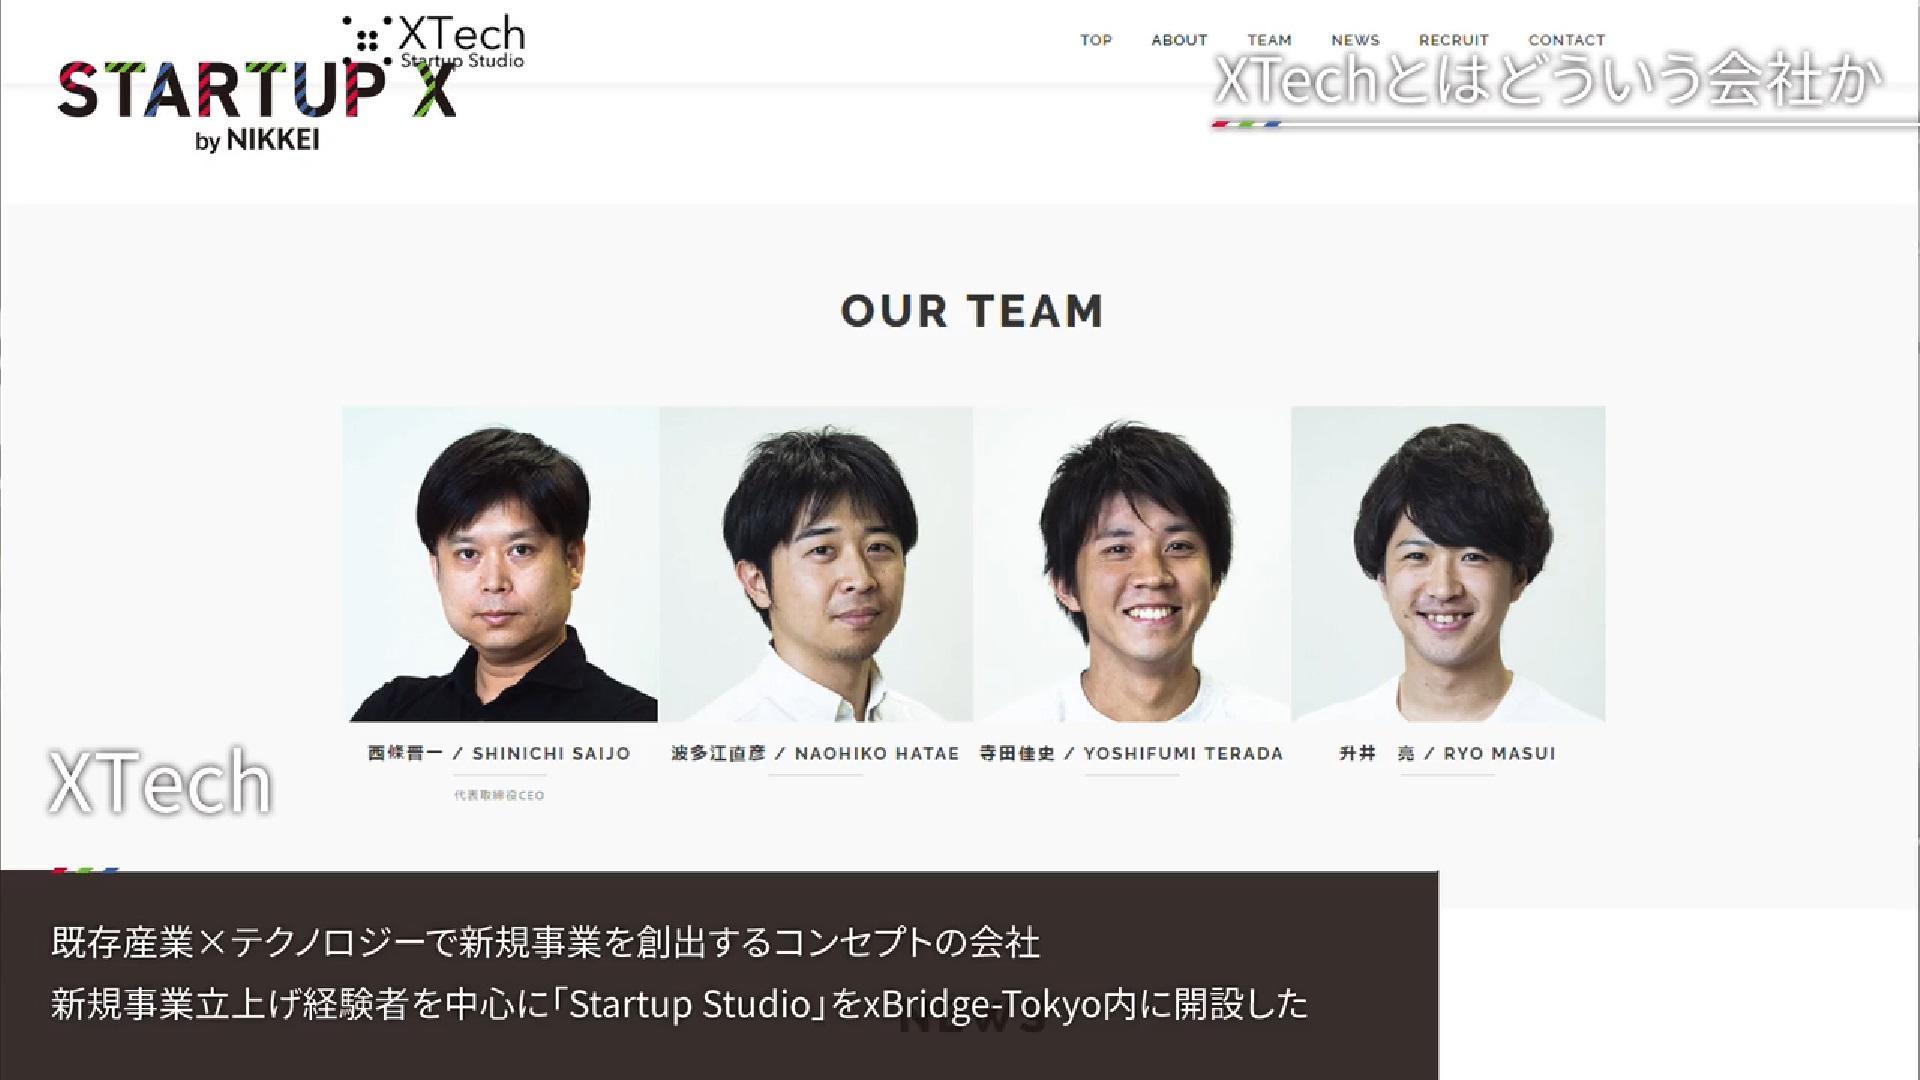 20190221_nikkeistartupx_09.jpg